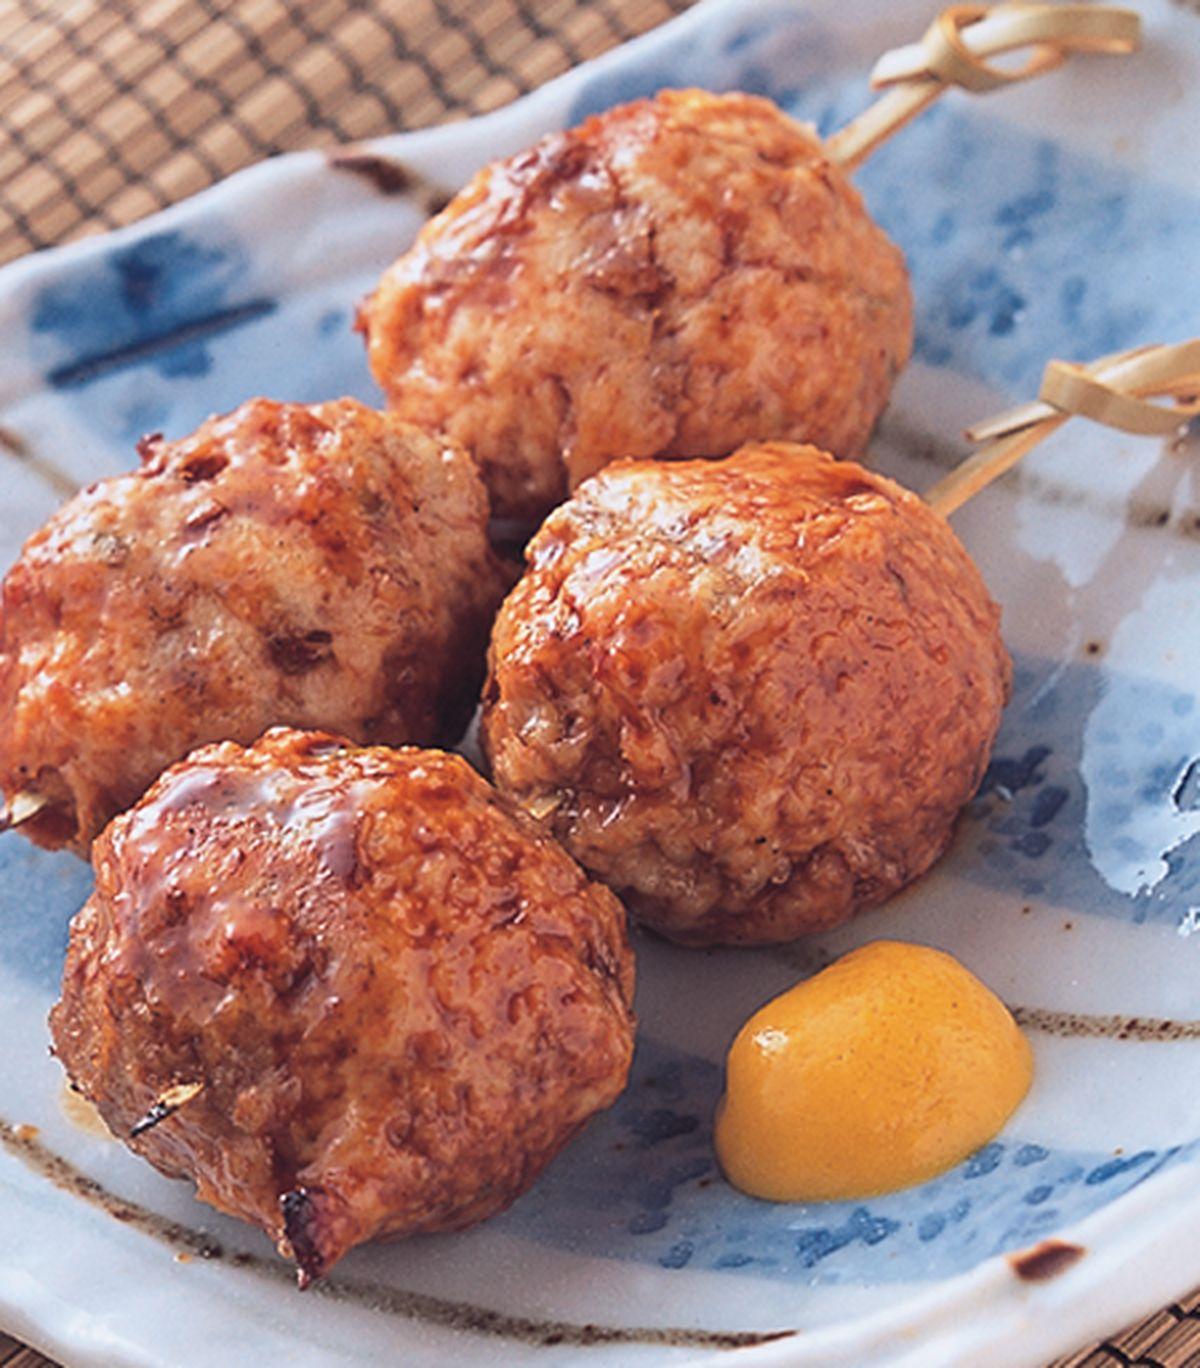 食譜:串烤雞肉丸子